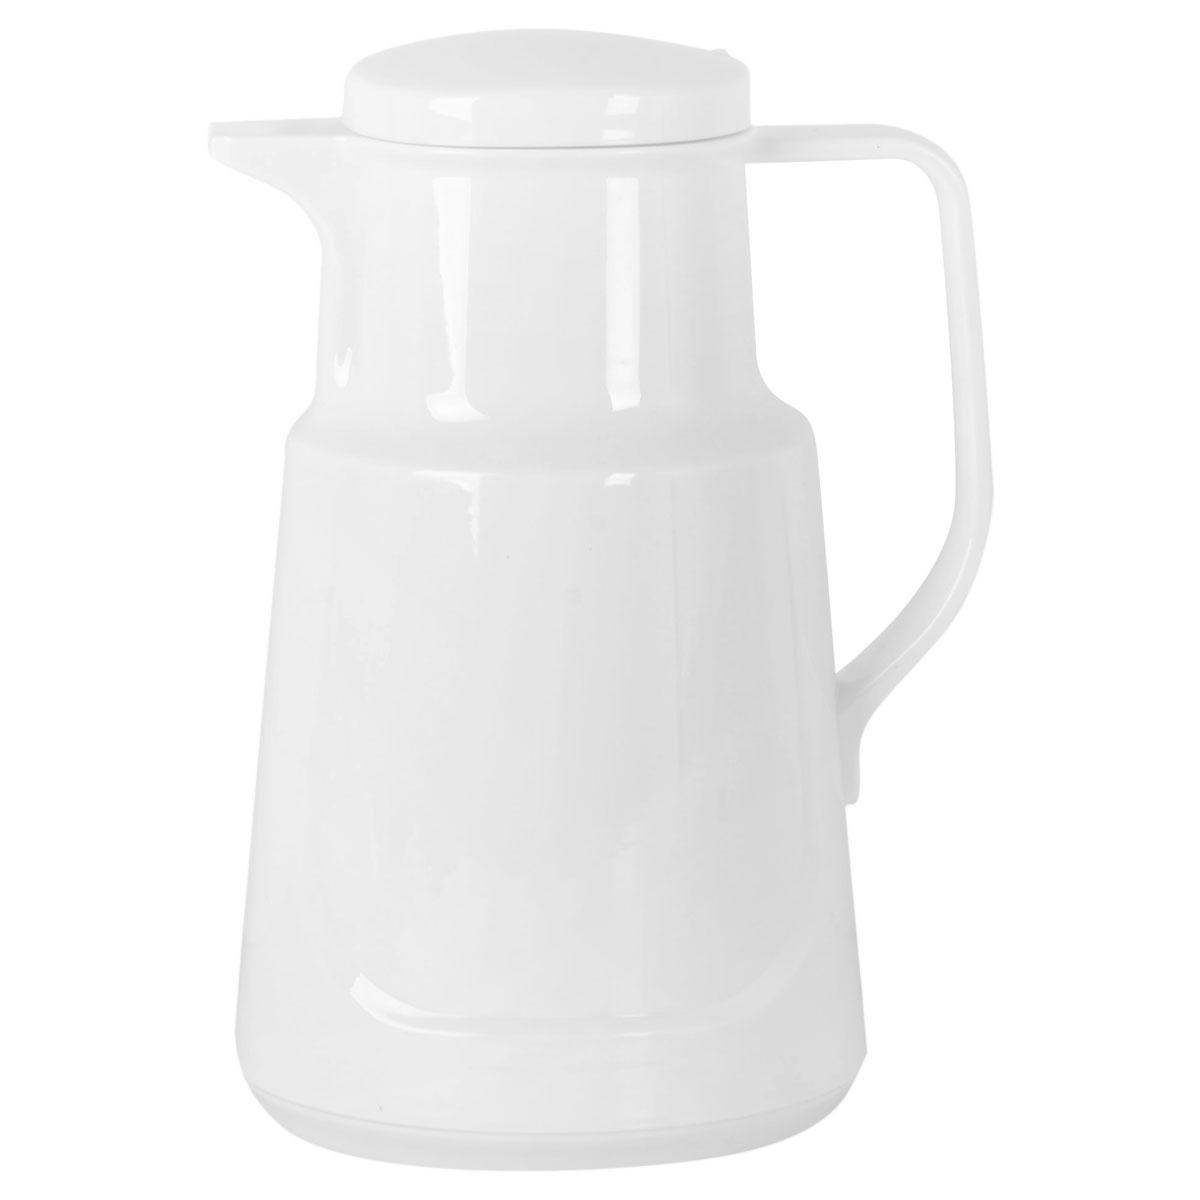 ترمس شاي وقهوة بلاستيك  مور تايم - 1 لتر - متعدد الالوان - موديل YM-16123